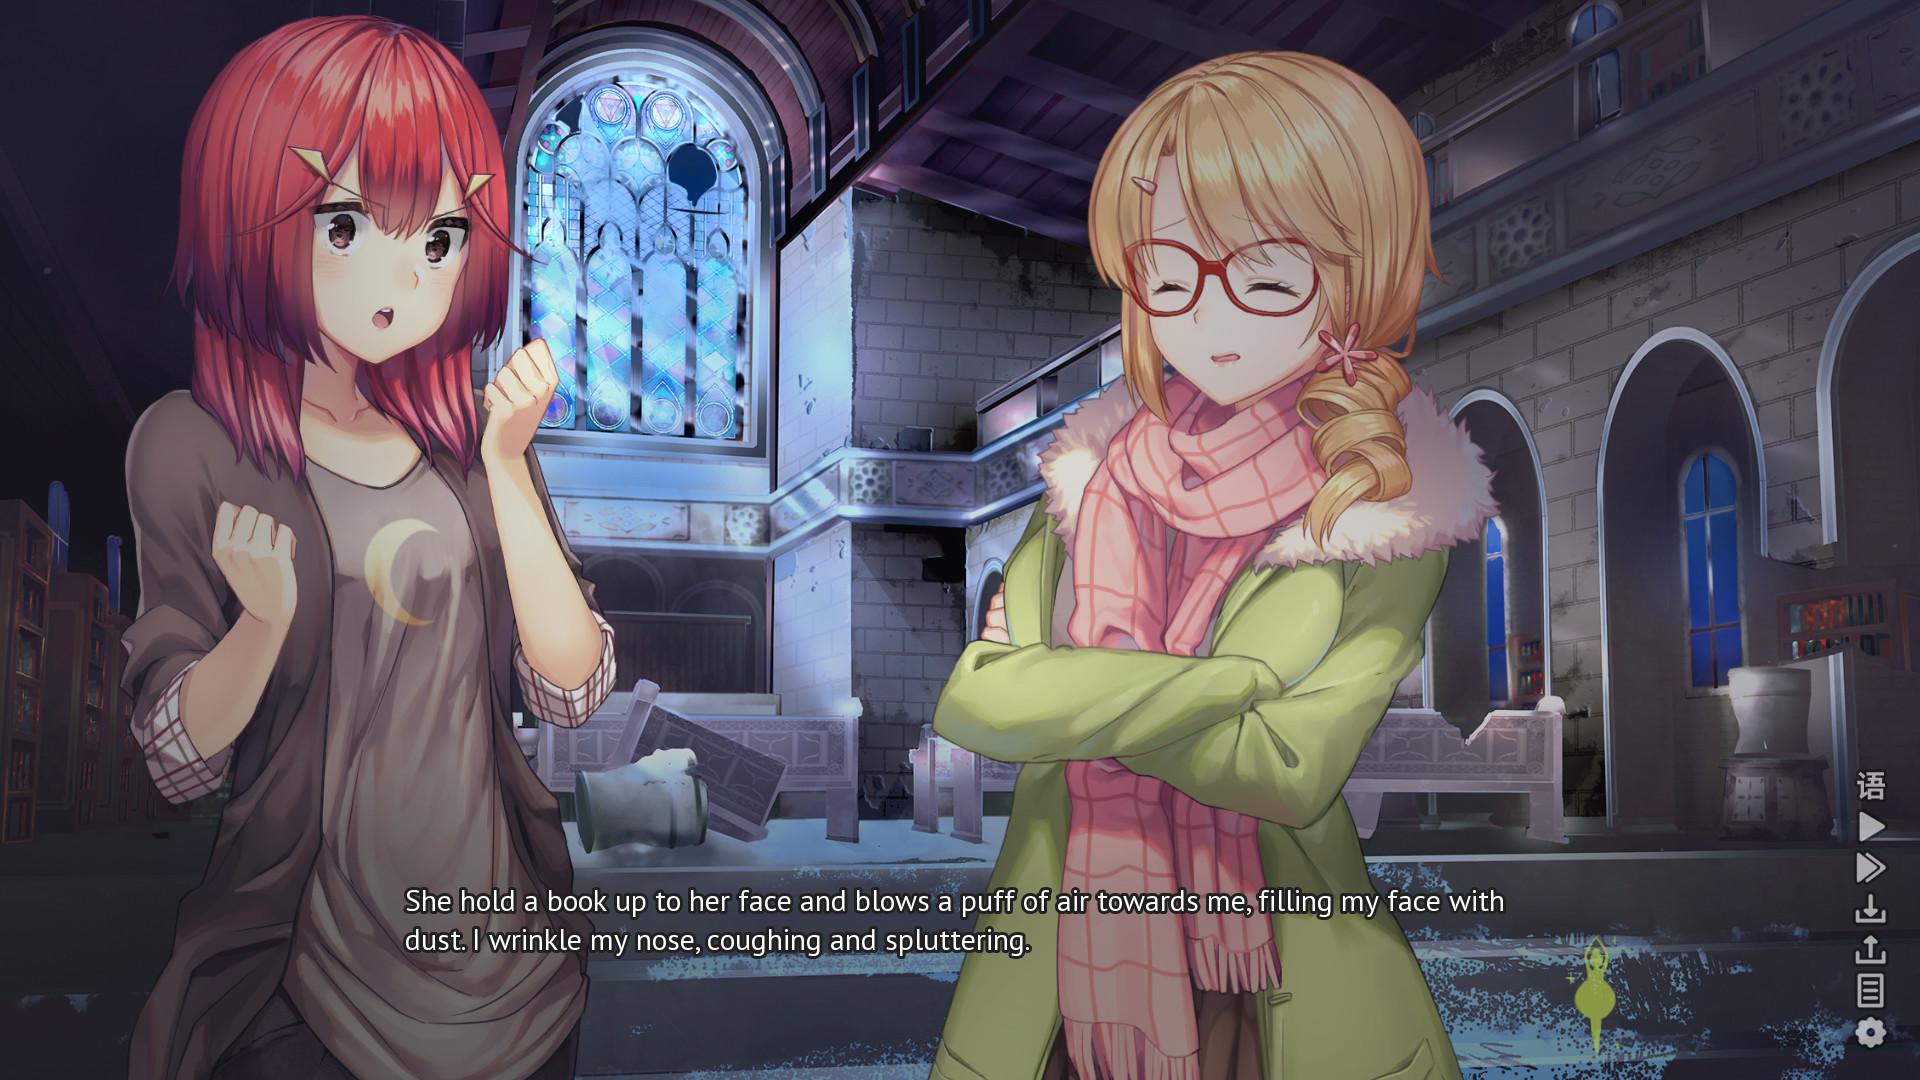 flirting games anime eyes downloads pc